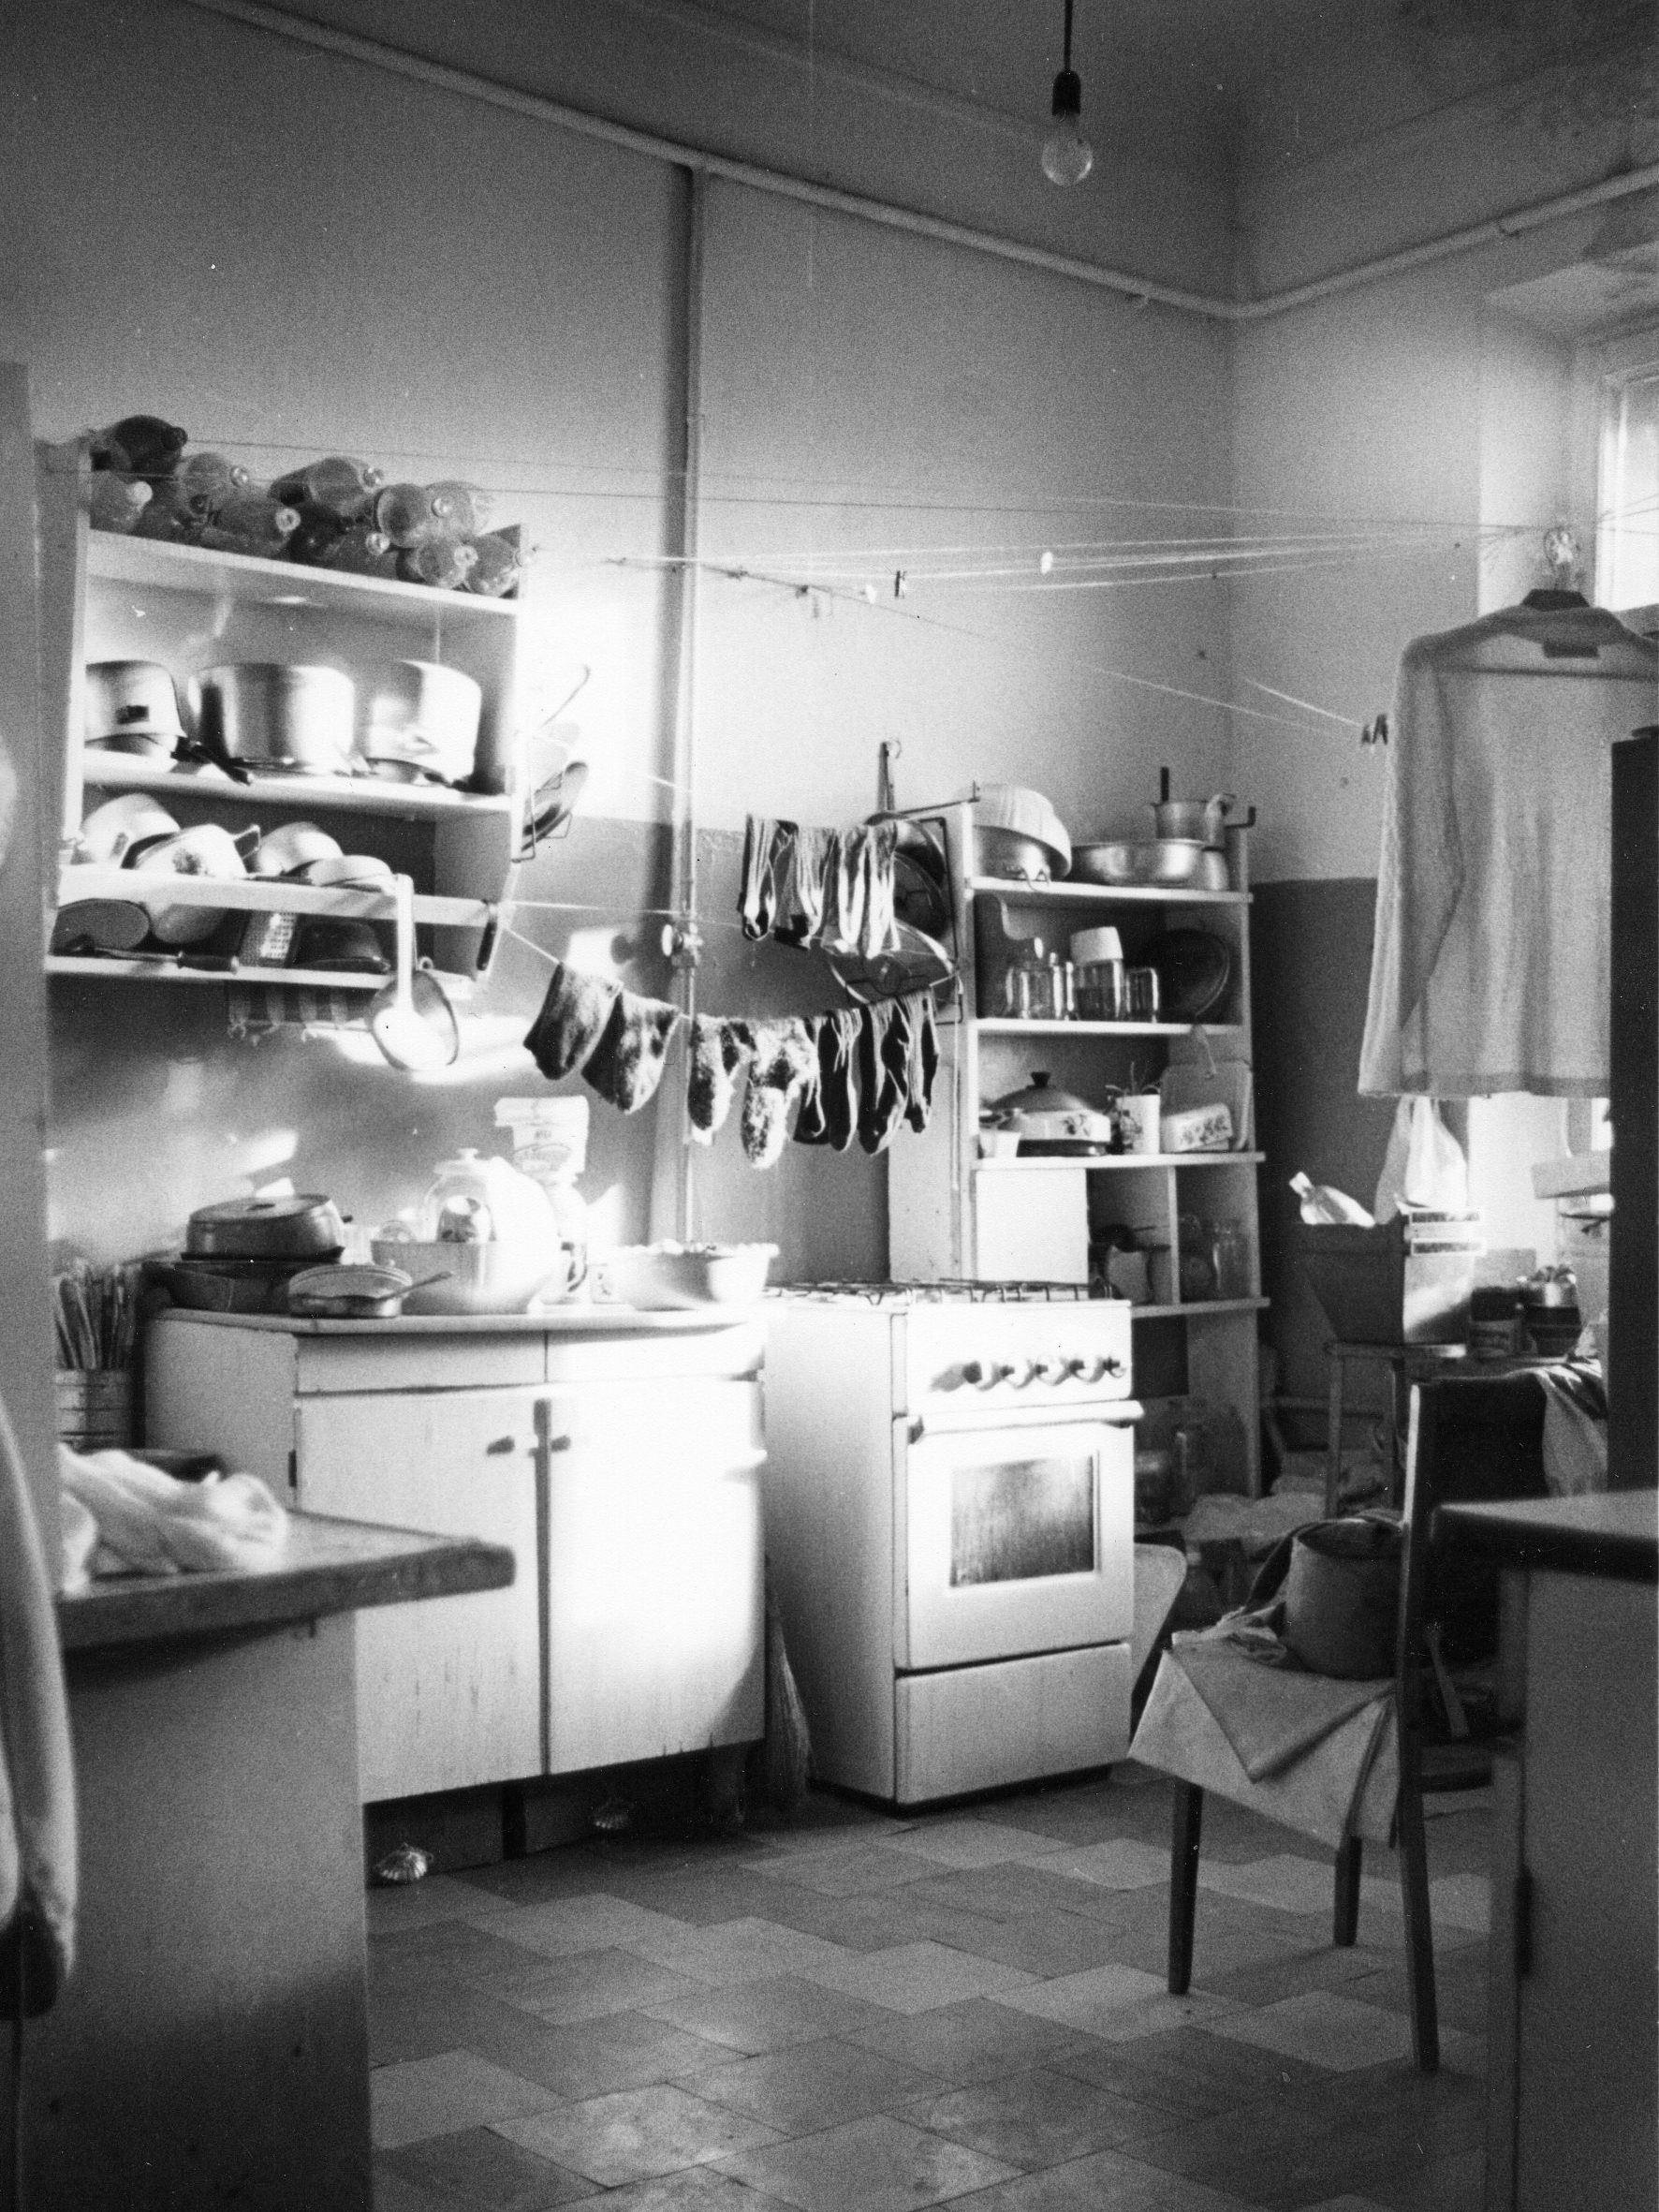 nixon khrushchev kitchen debate apush : Kitchen.xcyyxh.com